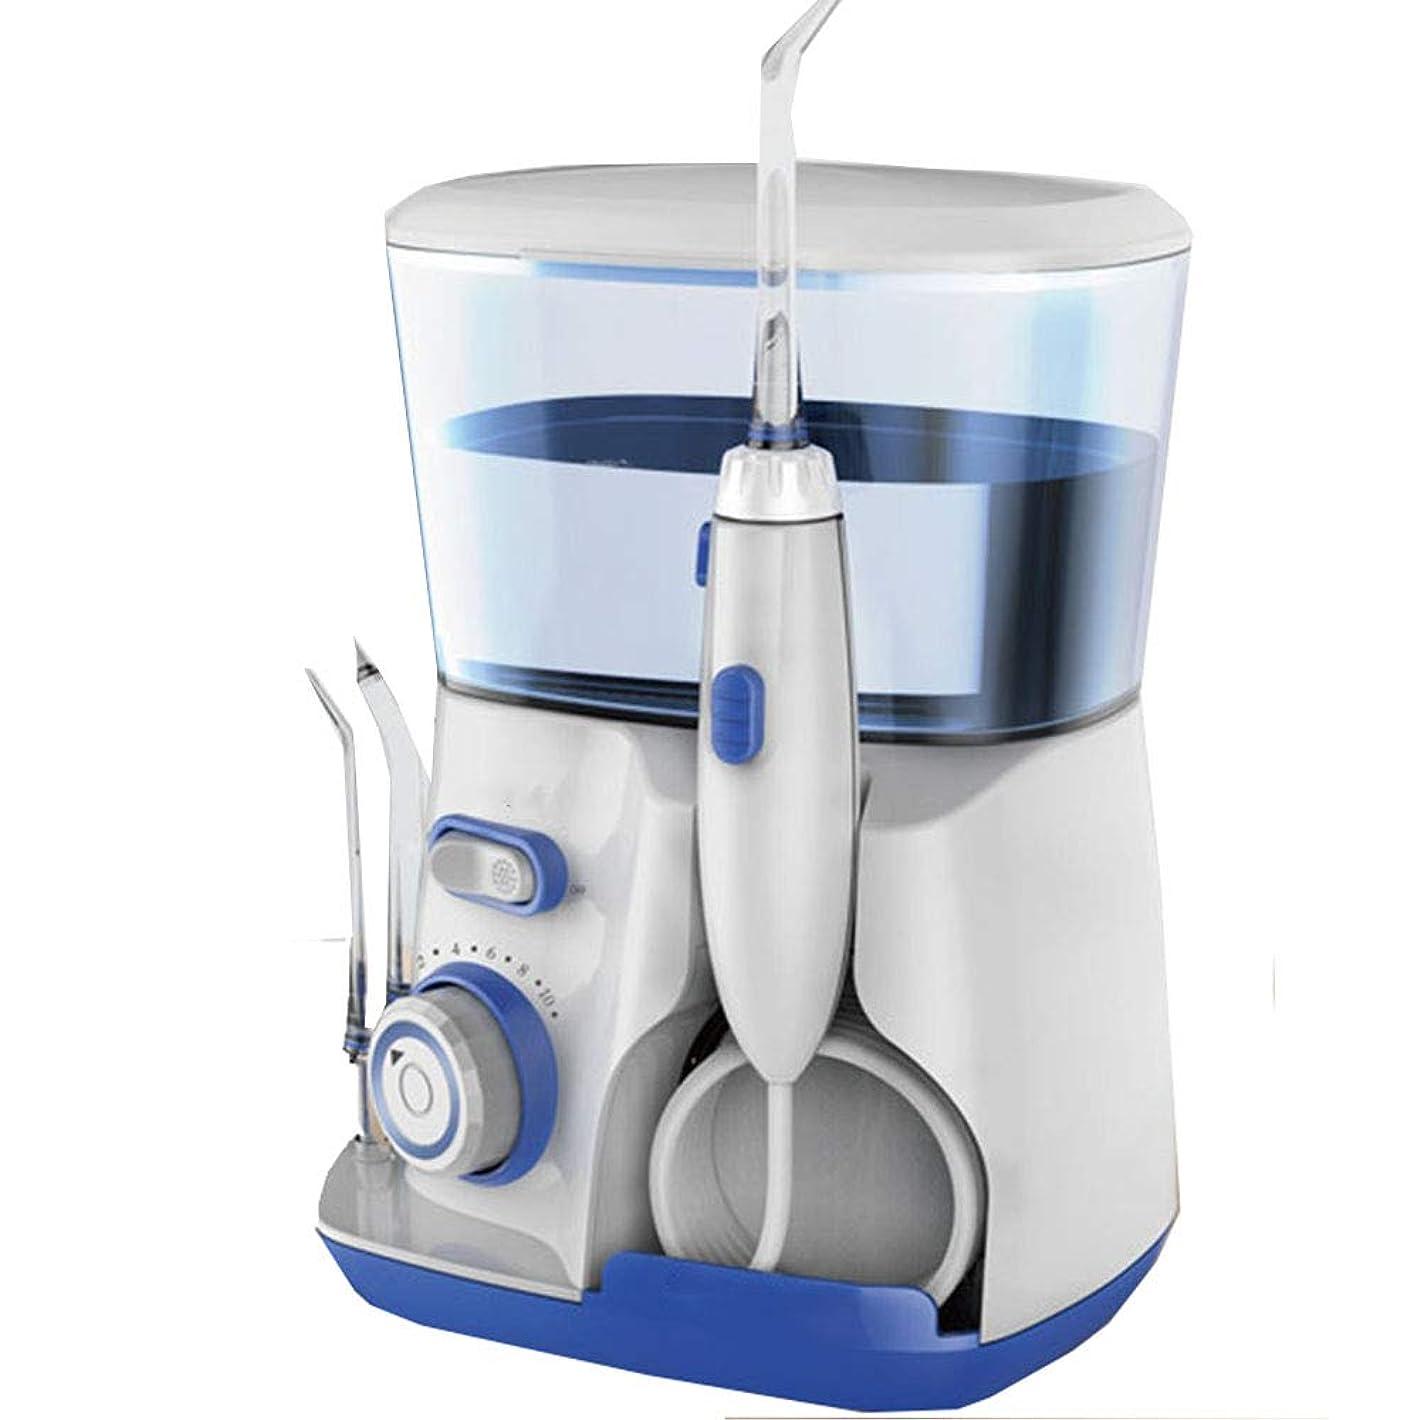 半導体チート太い口腔洗浄器 多機能 水 フロッサー にとって 家族 ウォーターフロス 歯のクリーナー 7個のノズルを持つ歯 デンタルケアキット